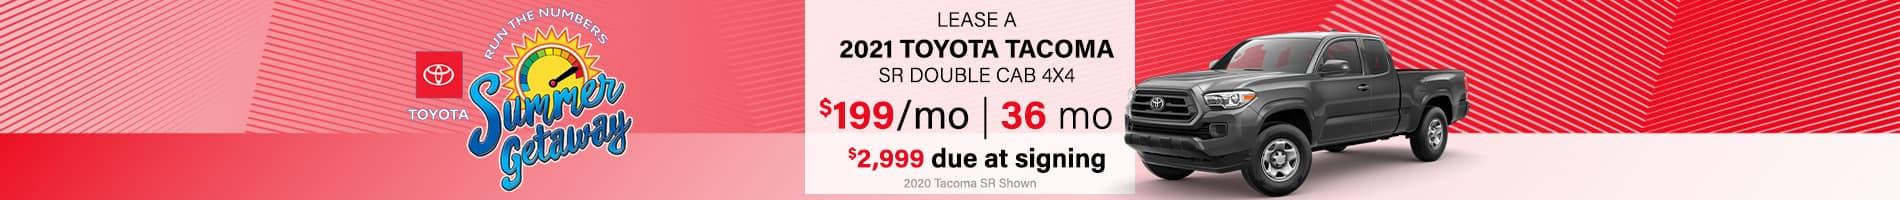 2021-06-04 Tacoma_Desk